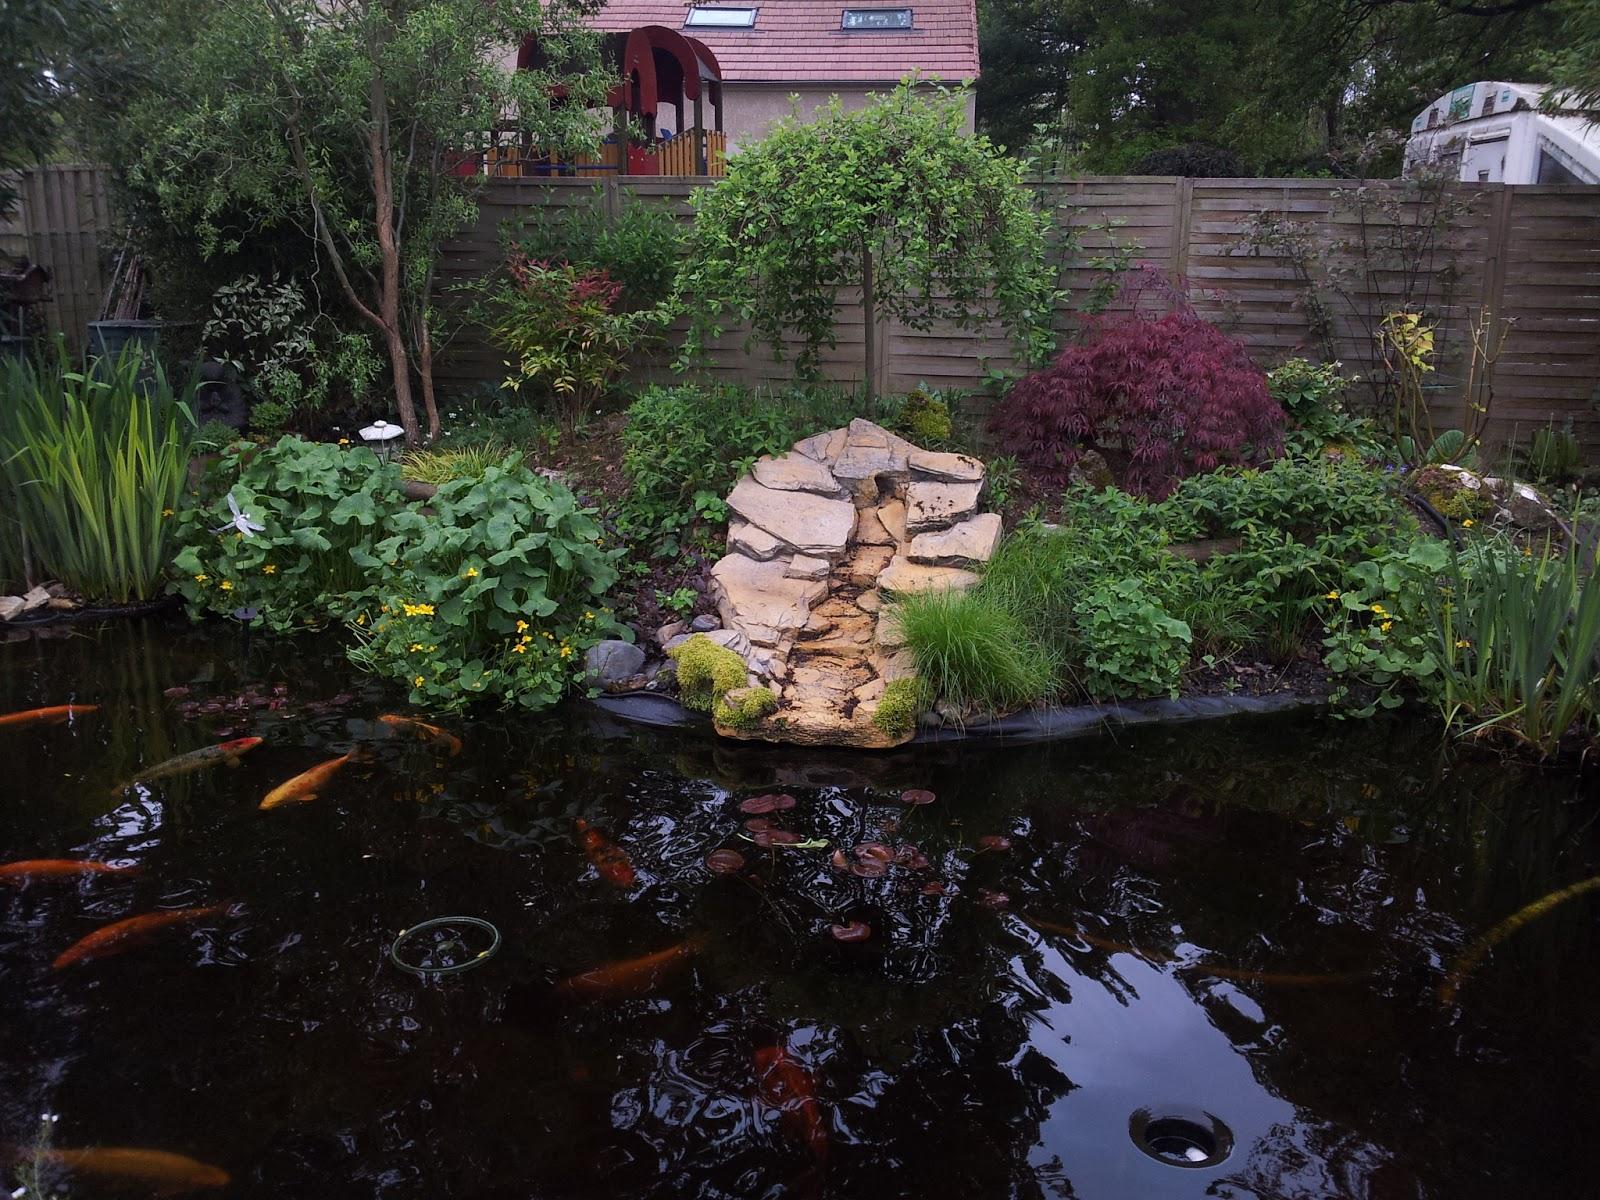 Mon petit bassin de jardin remplacement cascade en r sine par une lanterne japonaise - Petit bassin de jardin avec cascade ...